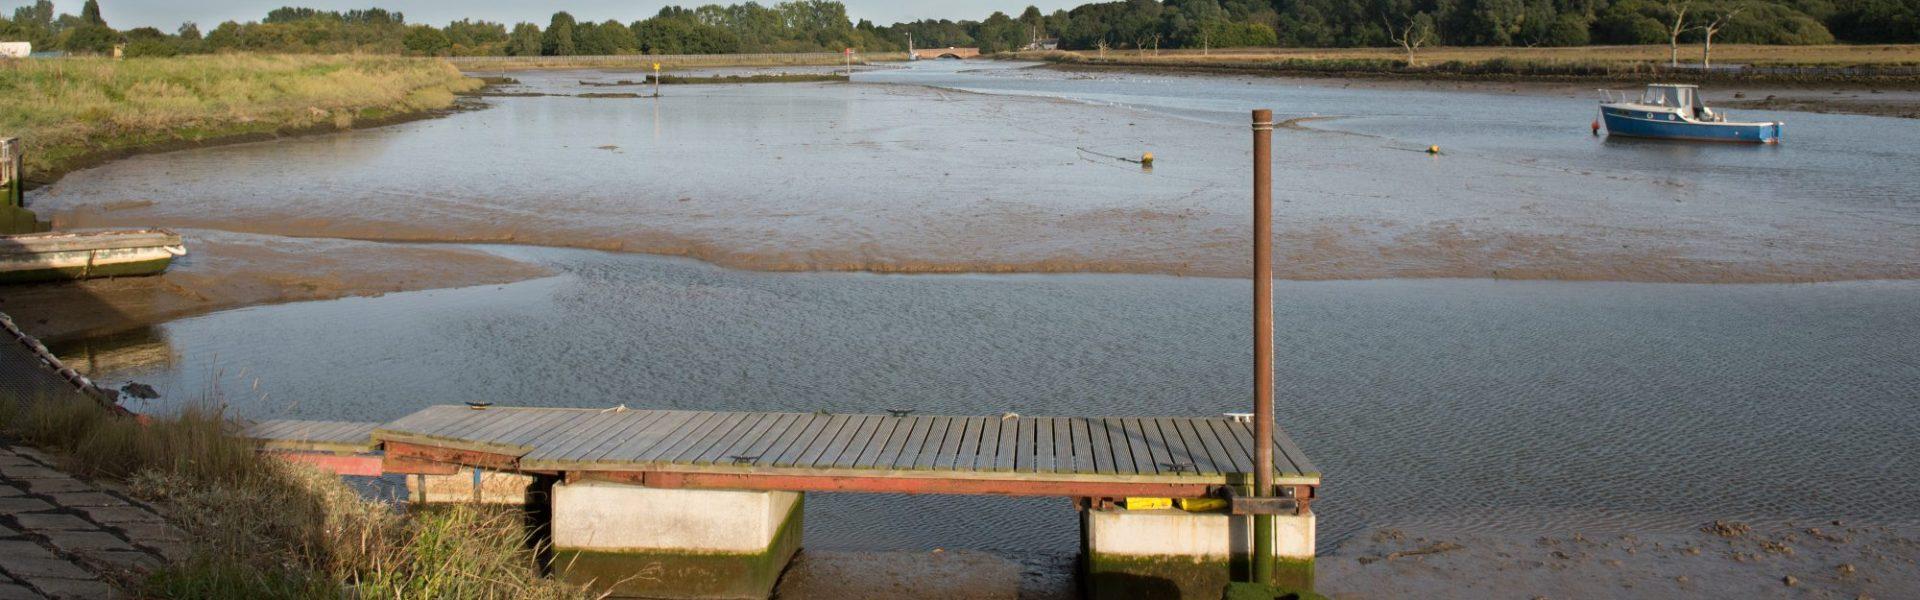 The river Deben looking towards Wilford Bridge